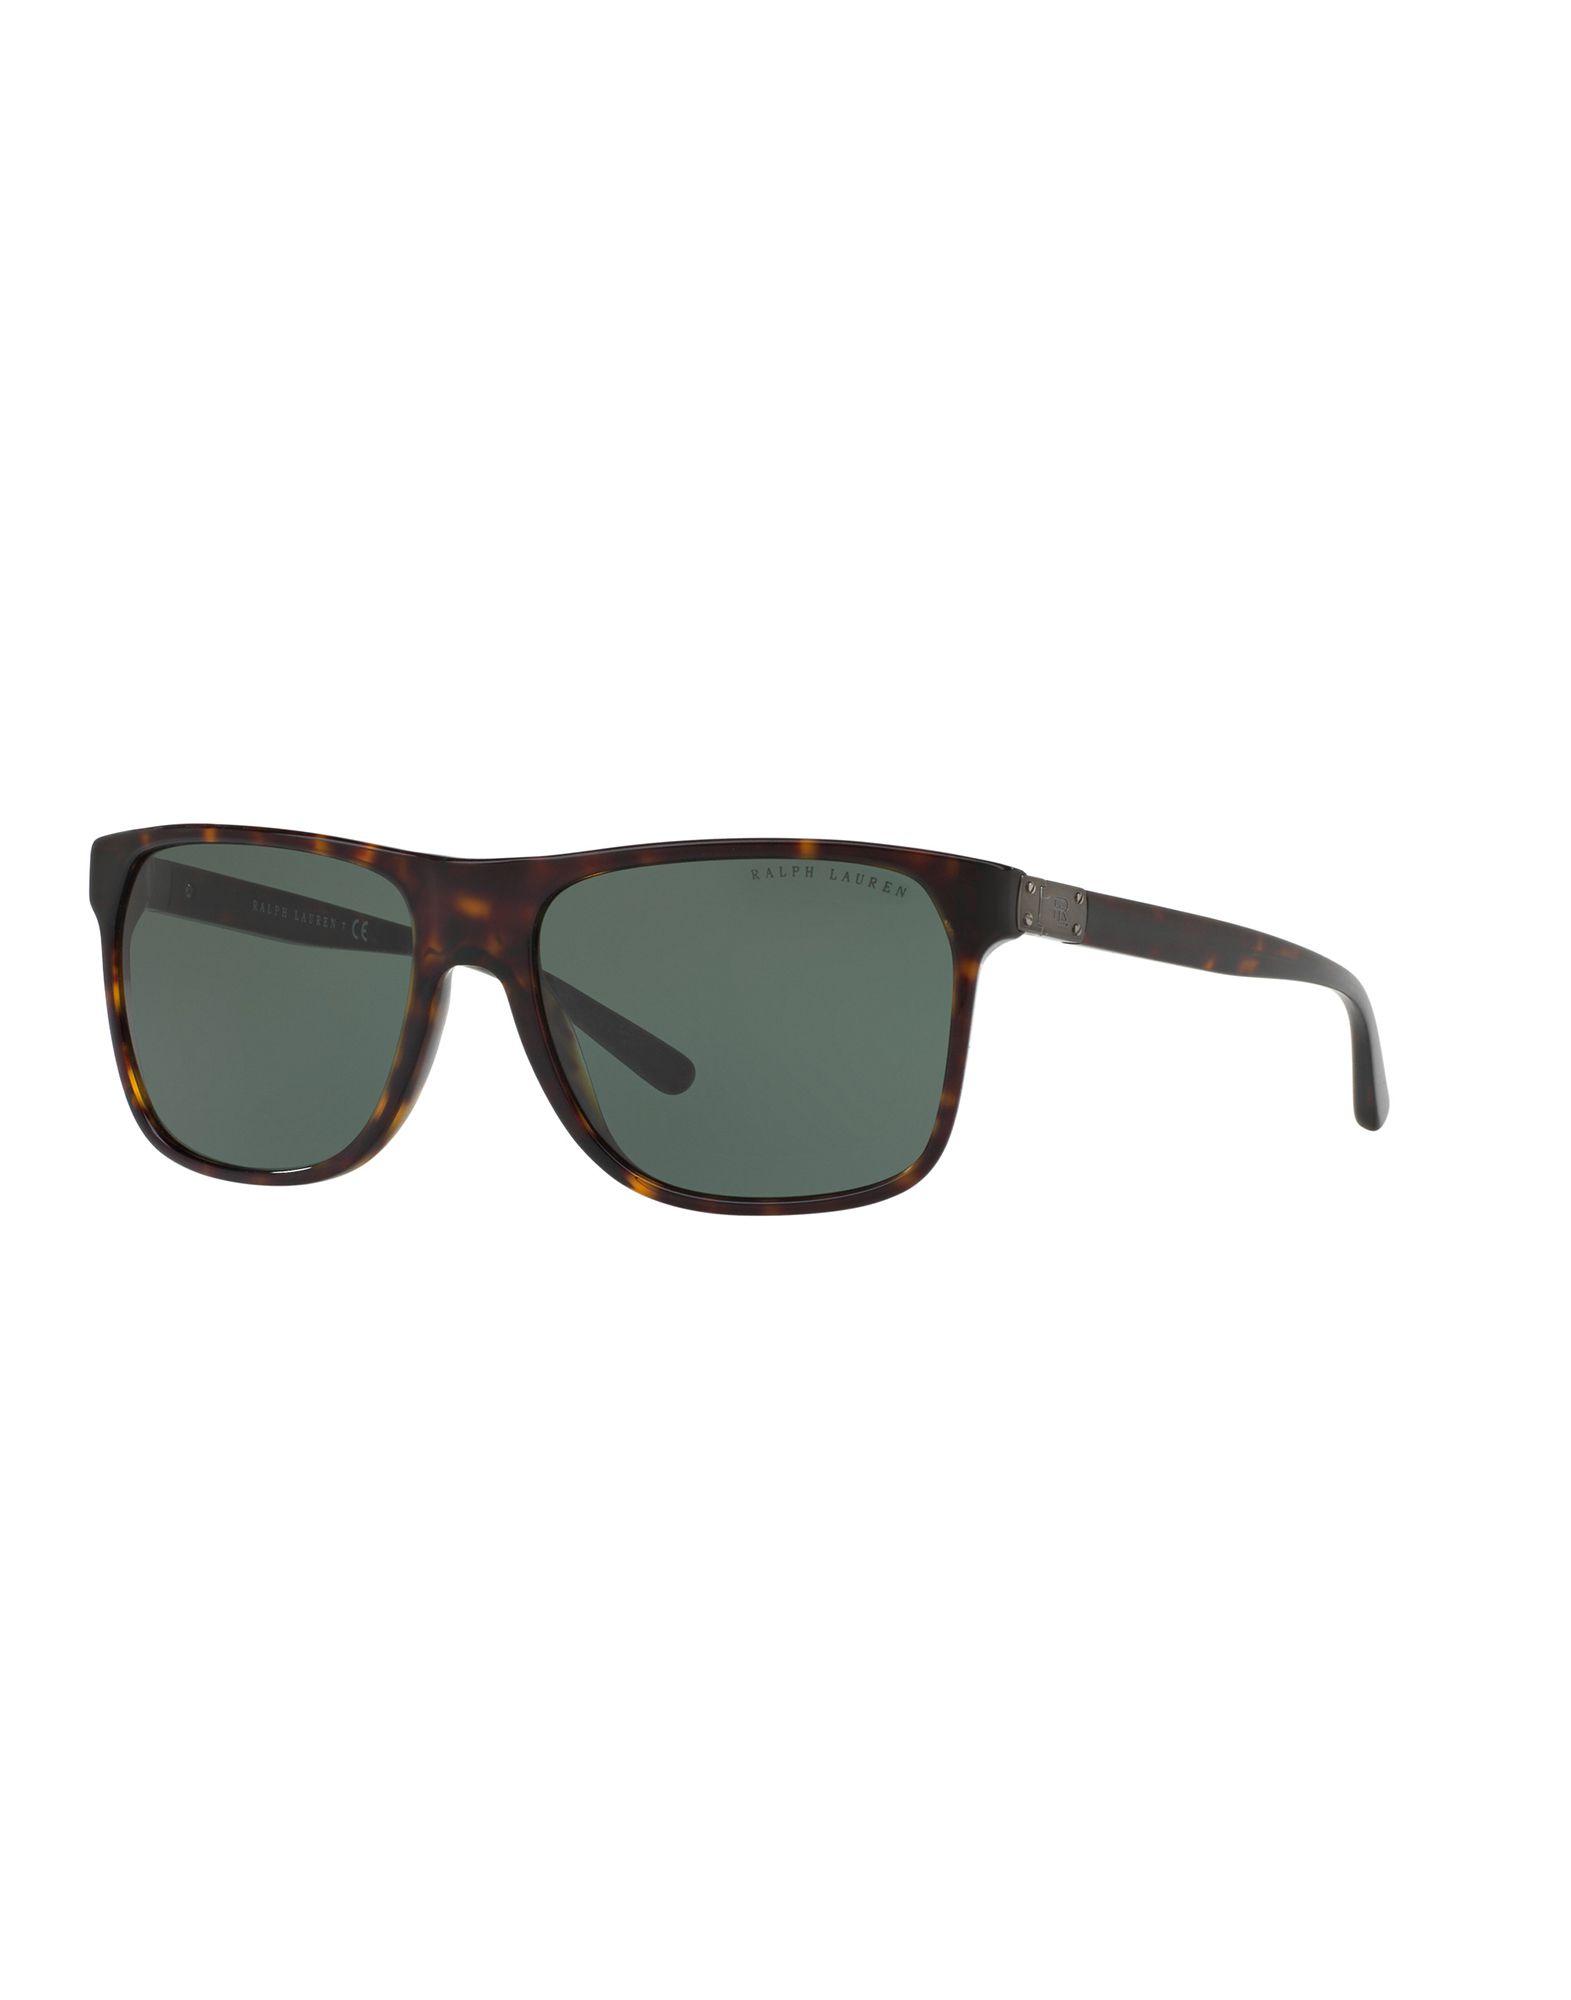 Occhiali Da Sole Emporio Armani Rl8152 - Uomo - Acquista online su